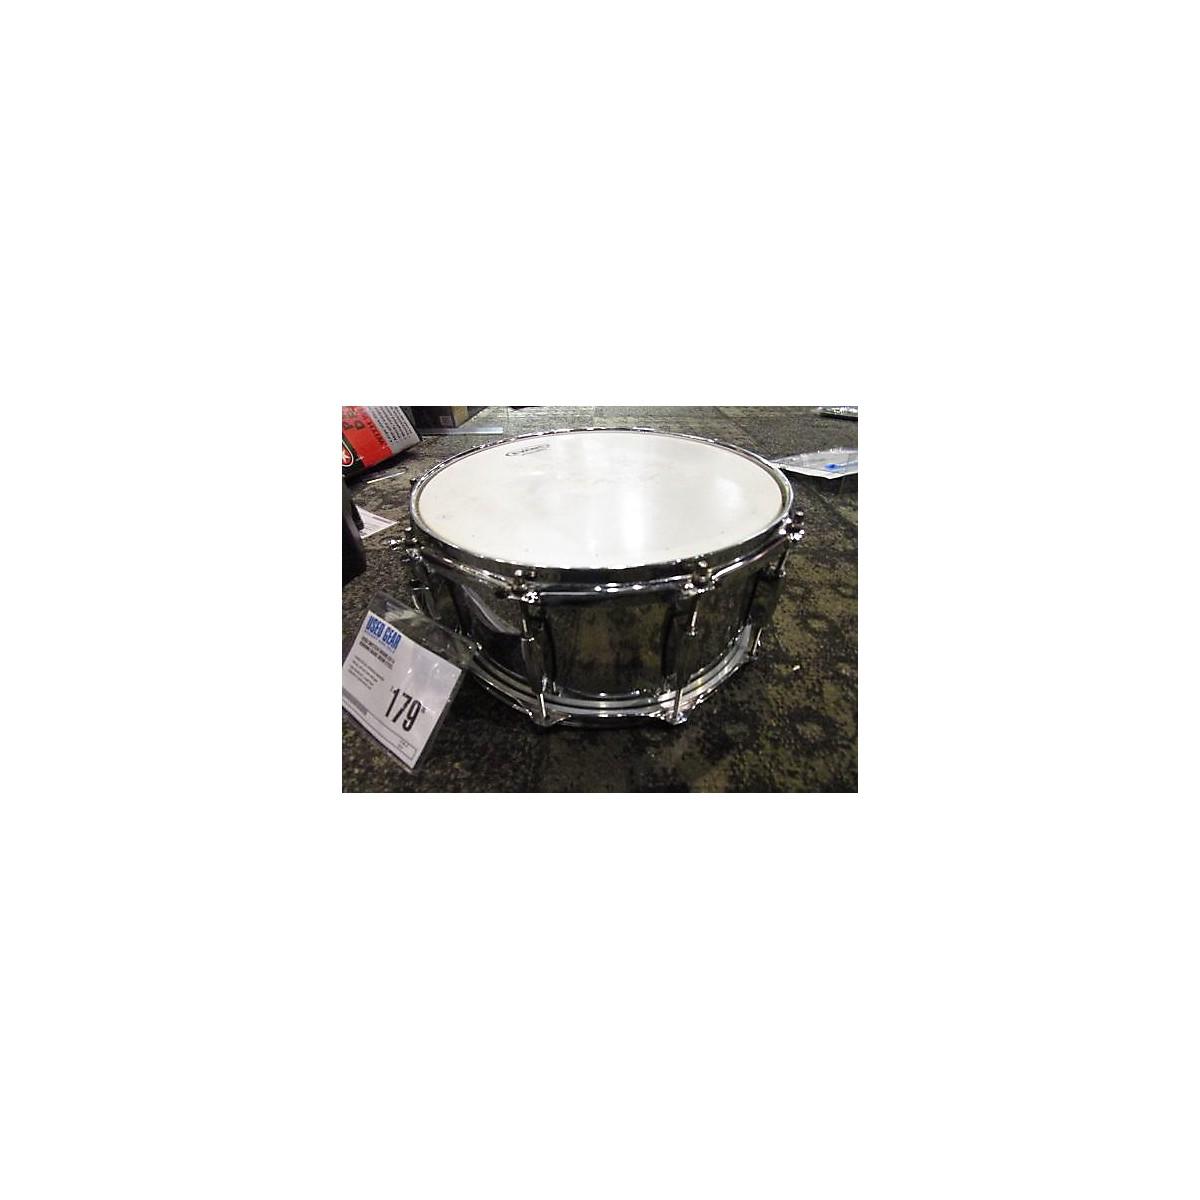 Gretsch Drums 6X14 Renown Snare Drum